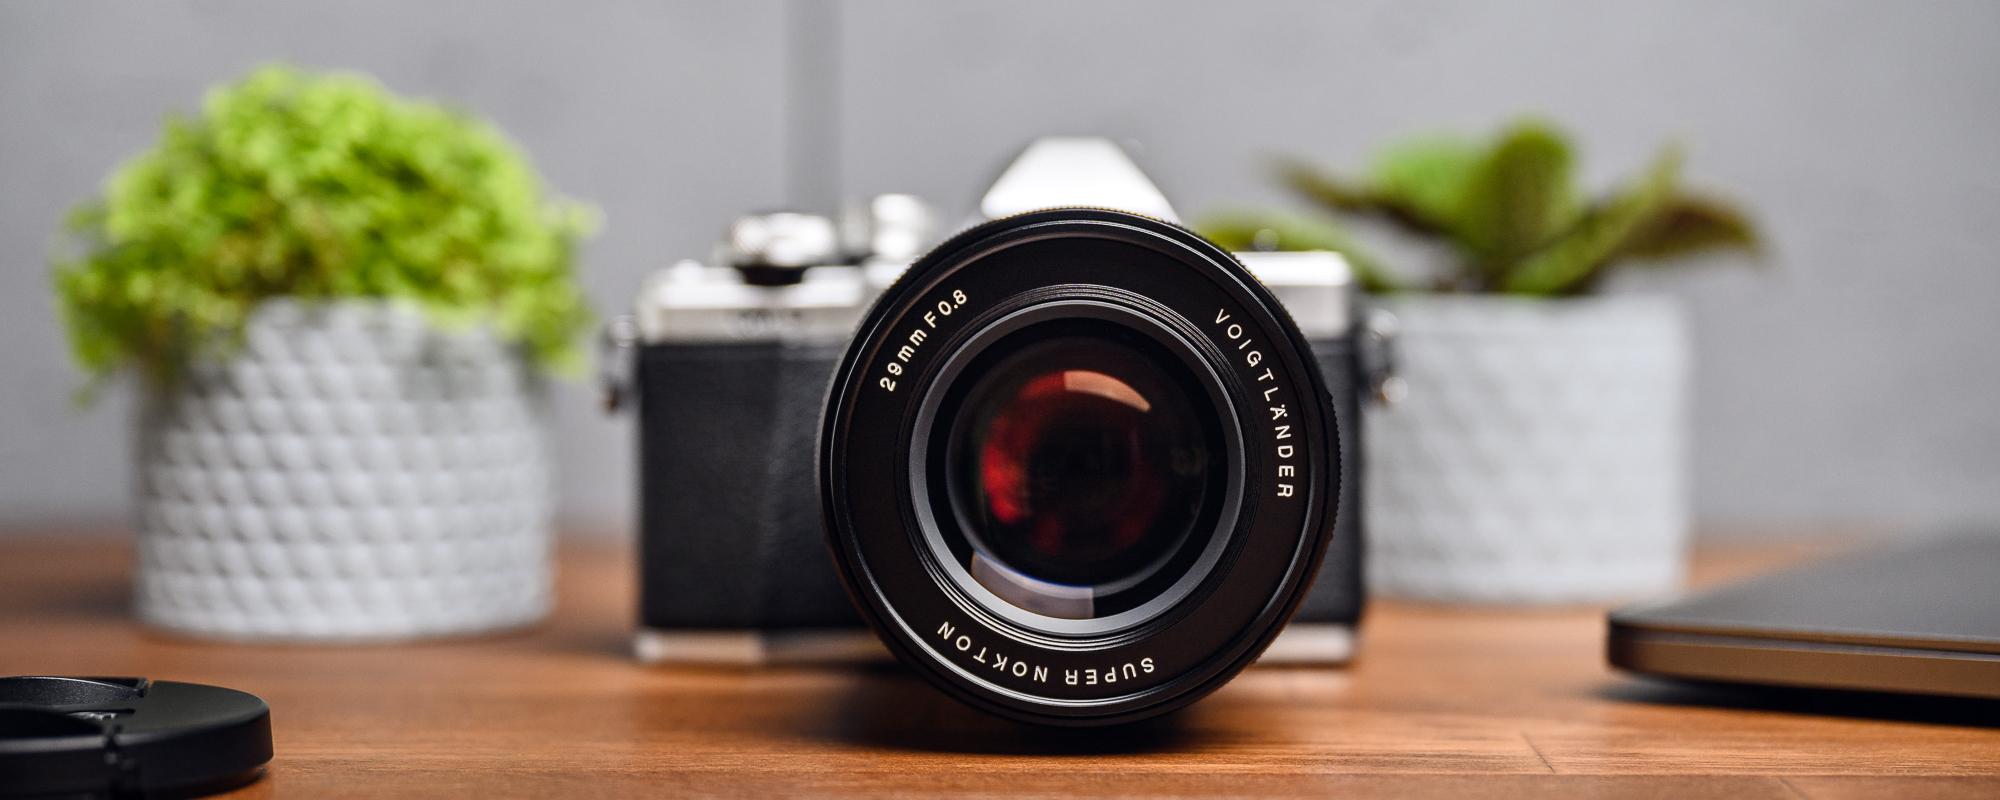 Voigtlander Super Nokton 29mm f/0.8 lens for Micro 4/3 on camera